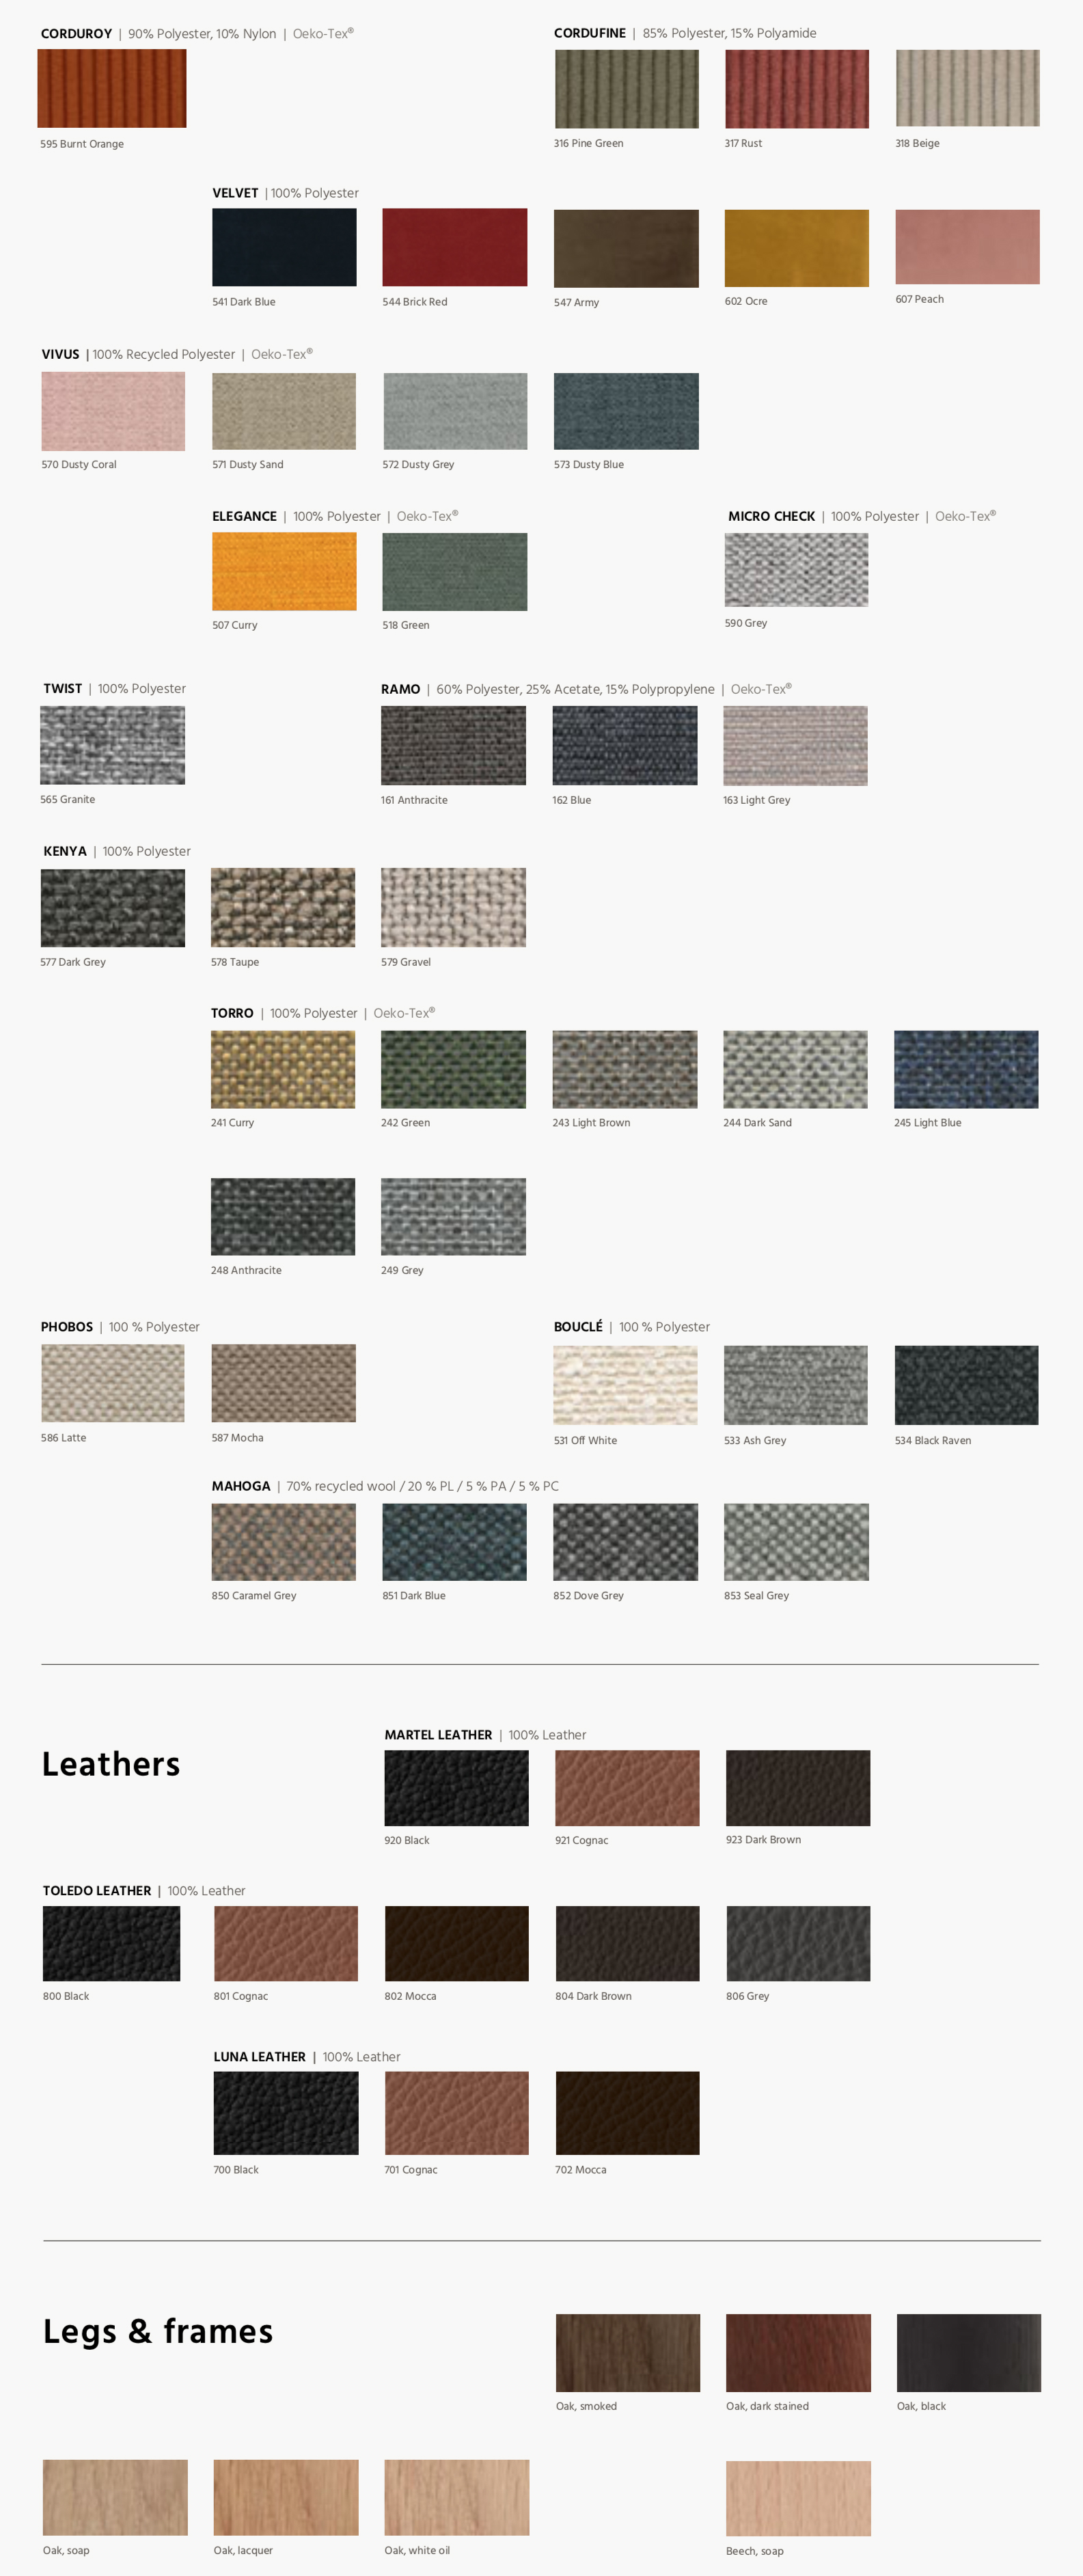 Kragelund banken, stoffen, materiaal, kleurstalen 2020